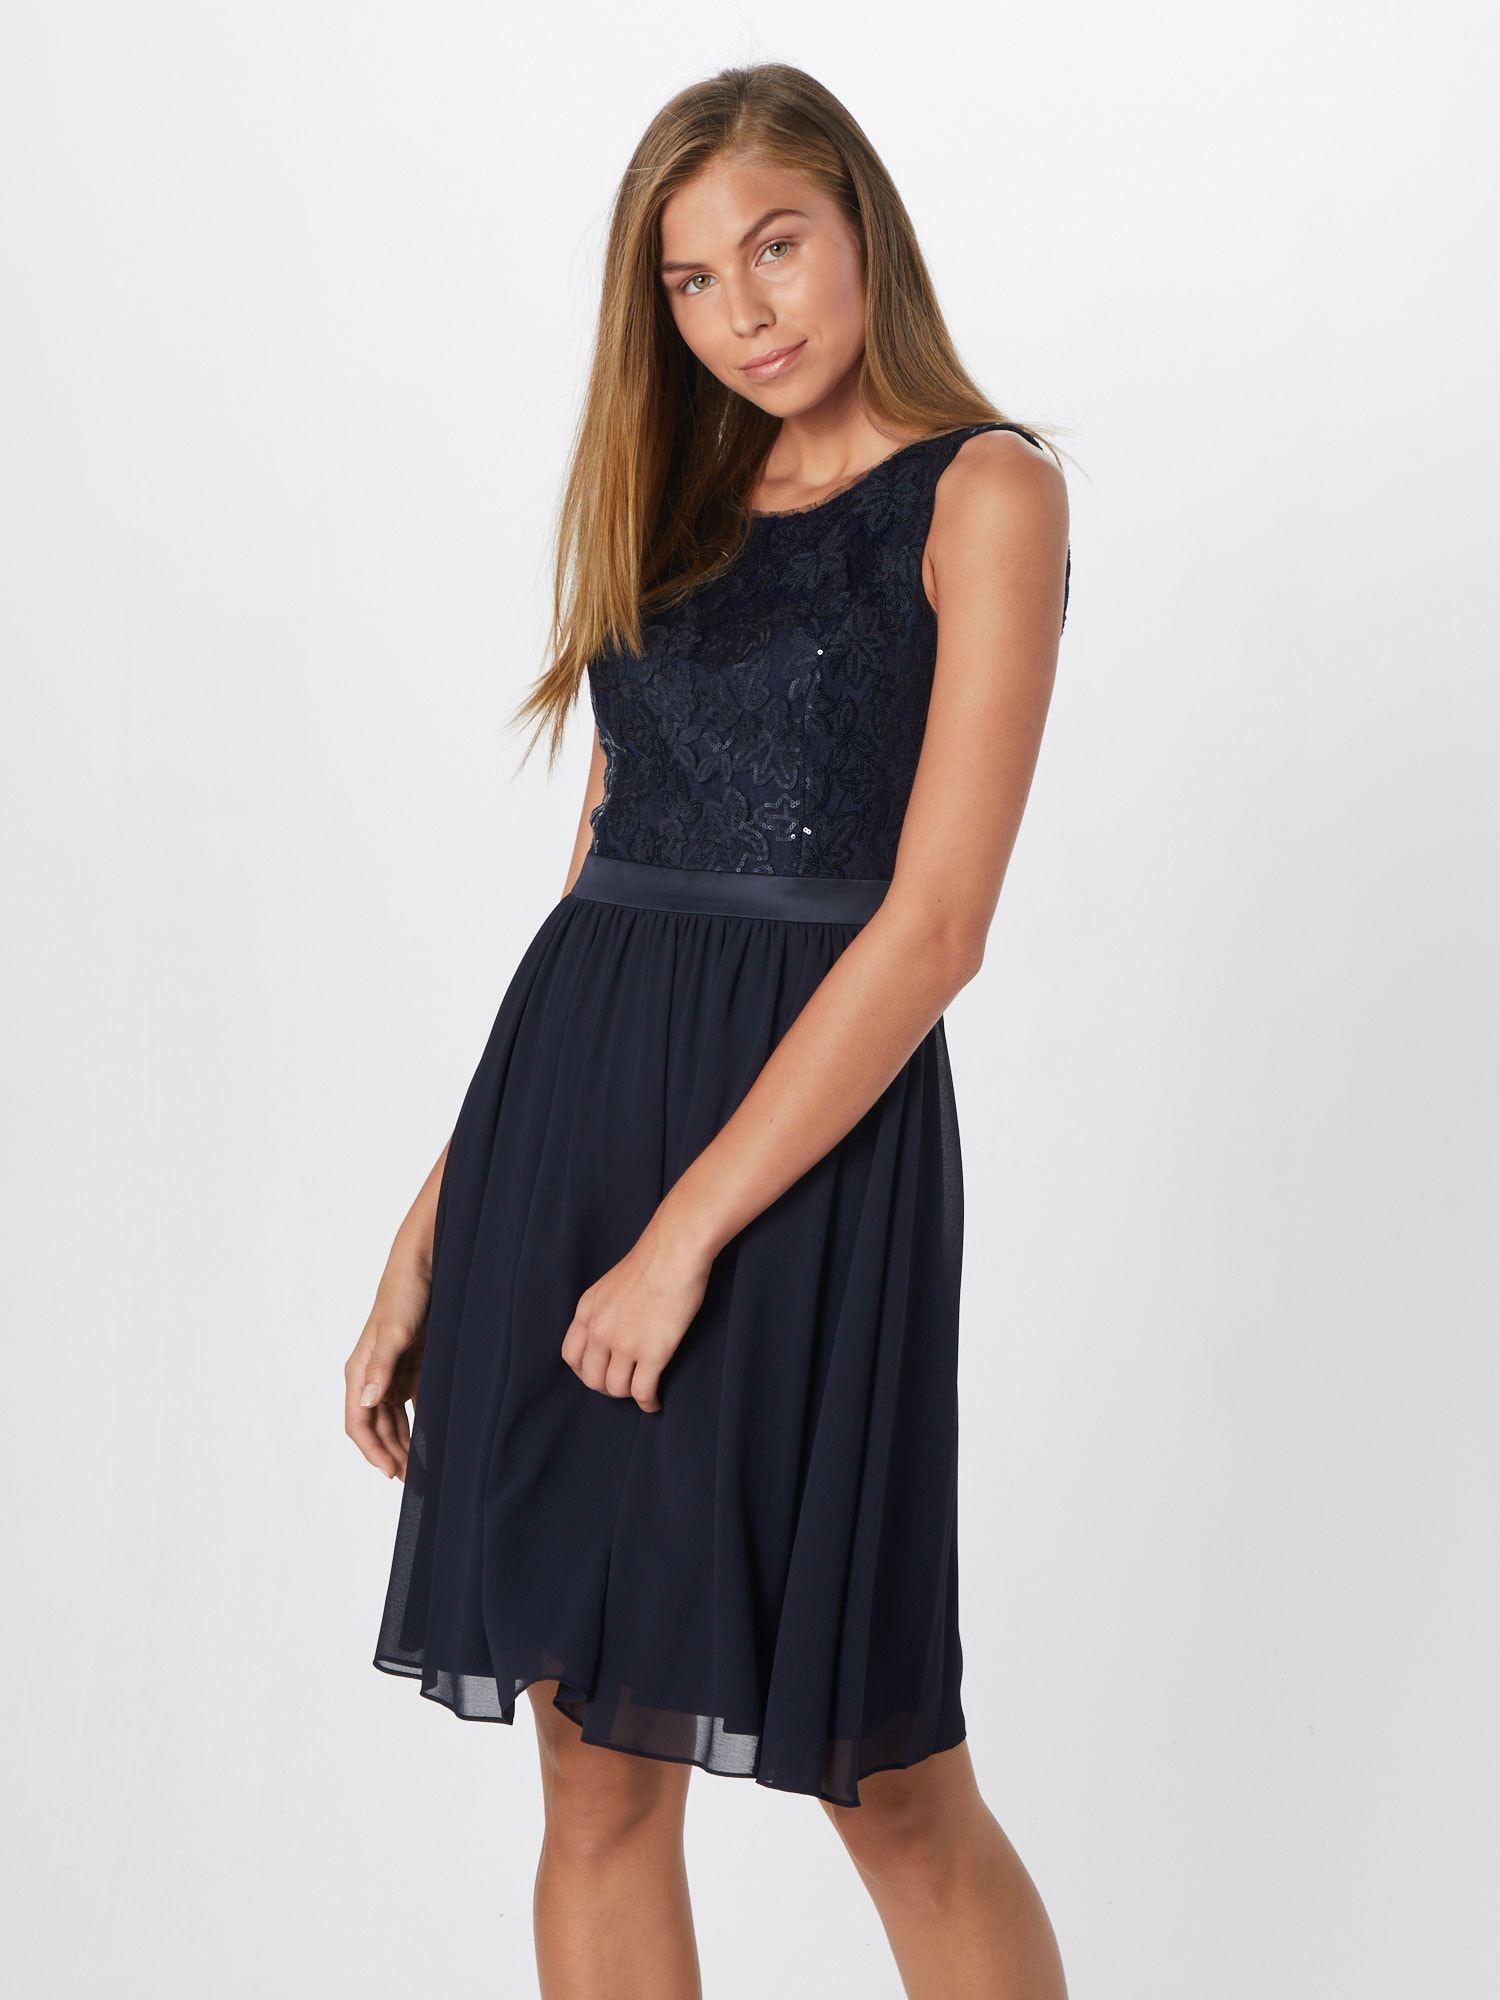 S Oliver Black Label Kleid Damen Blau Grosse 40 Kleider Damen Und Oliven